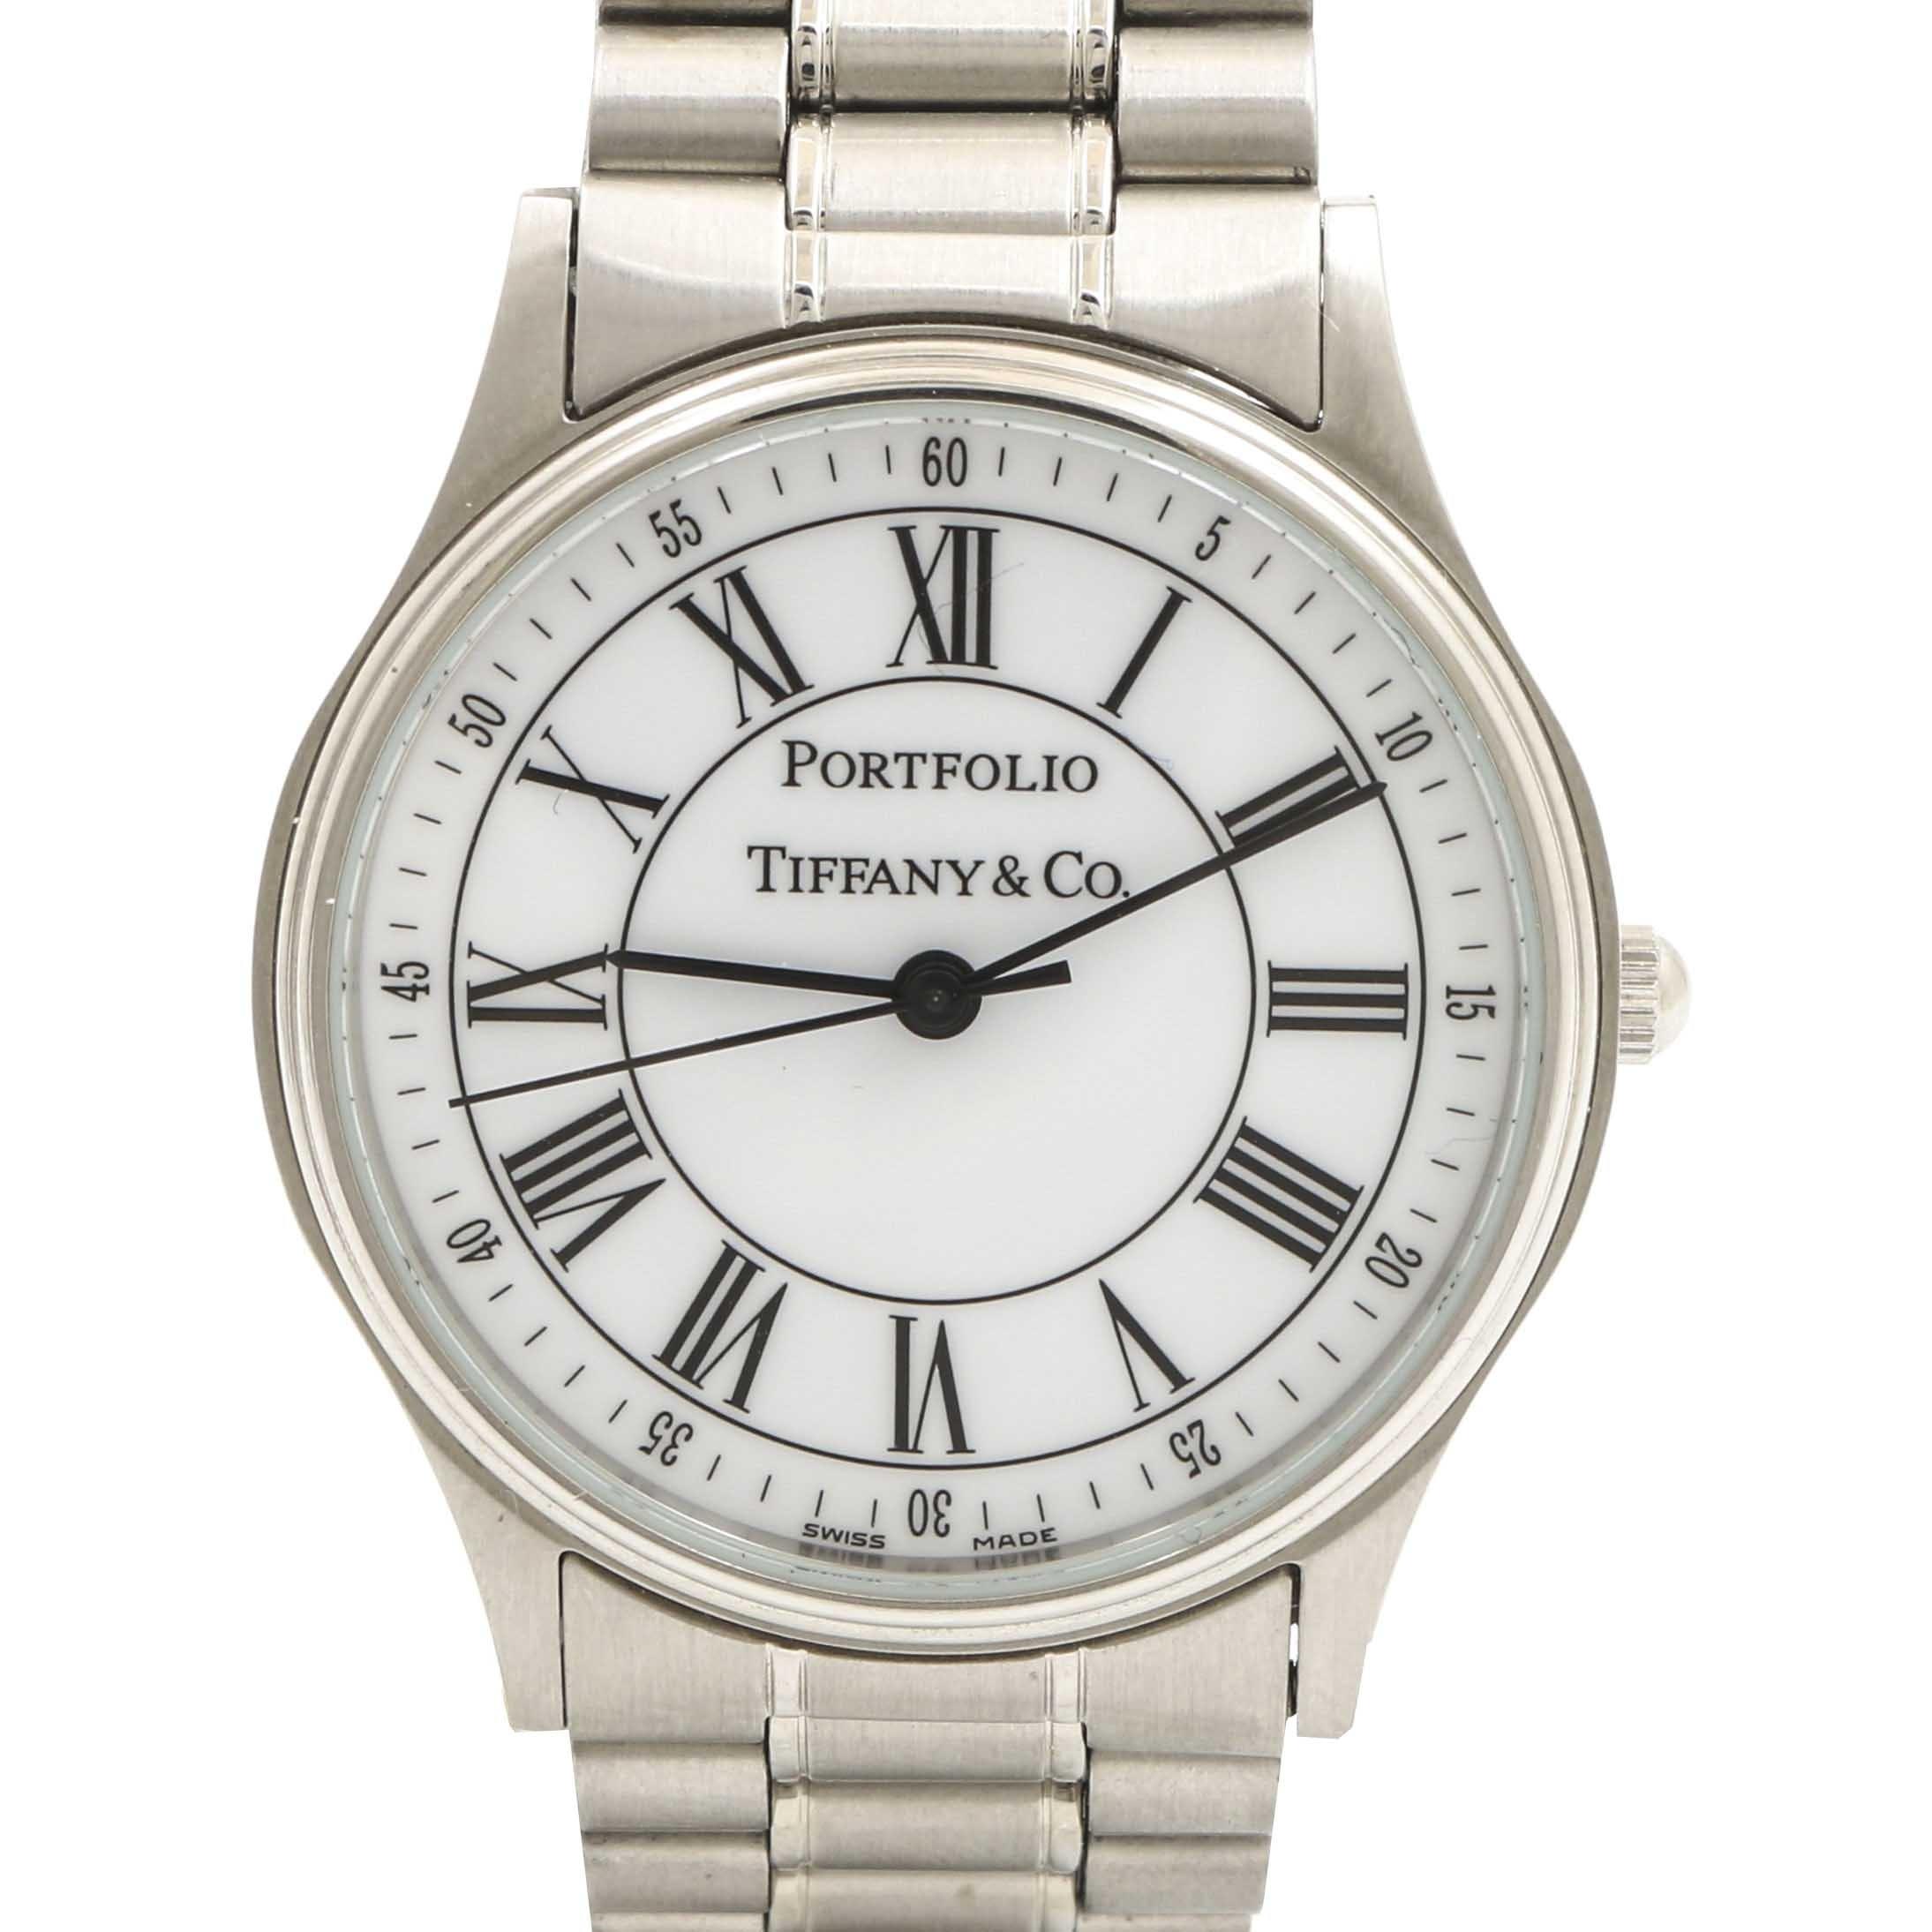 """Tiffany & Co. """"Portfolio"""" Stainless Steel Wristwatch"""